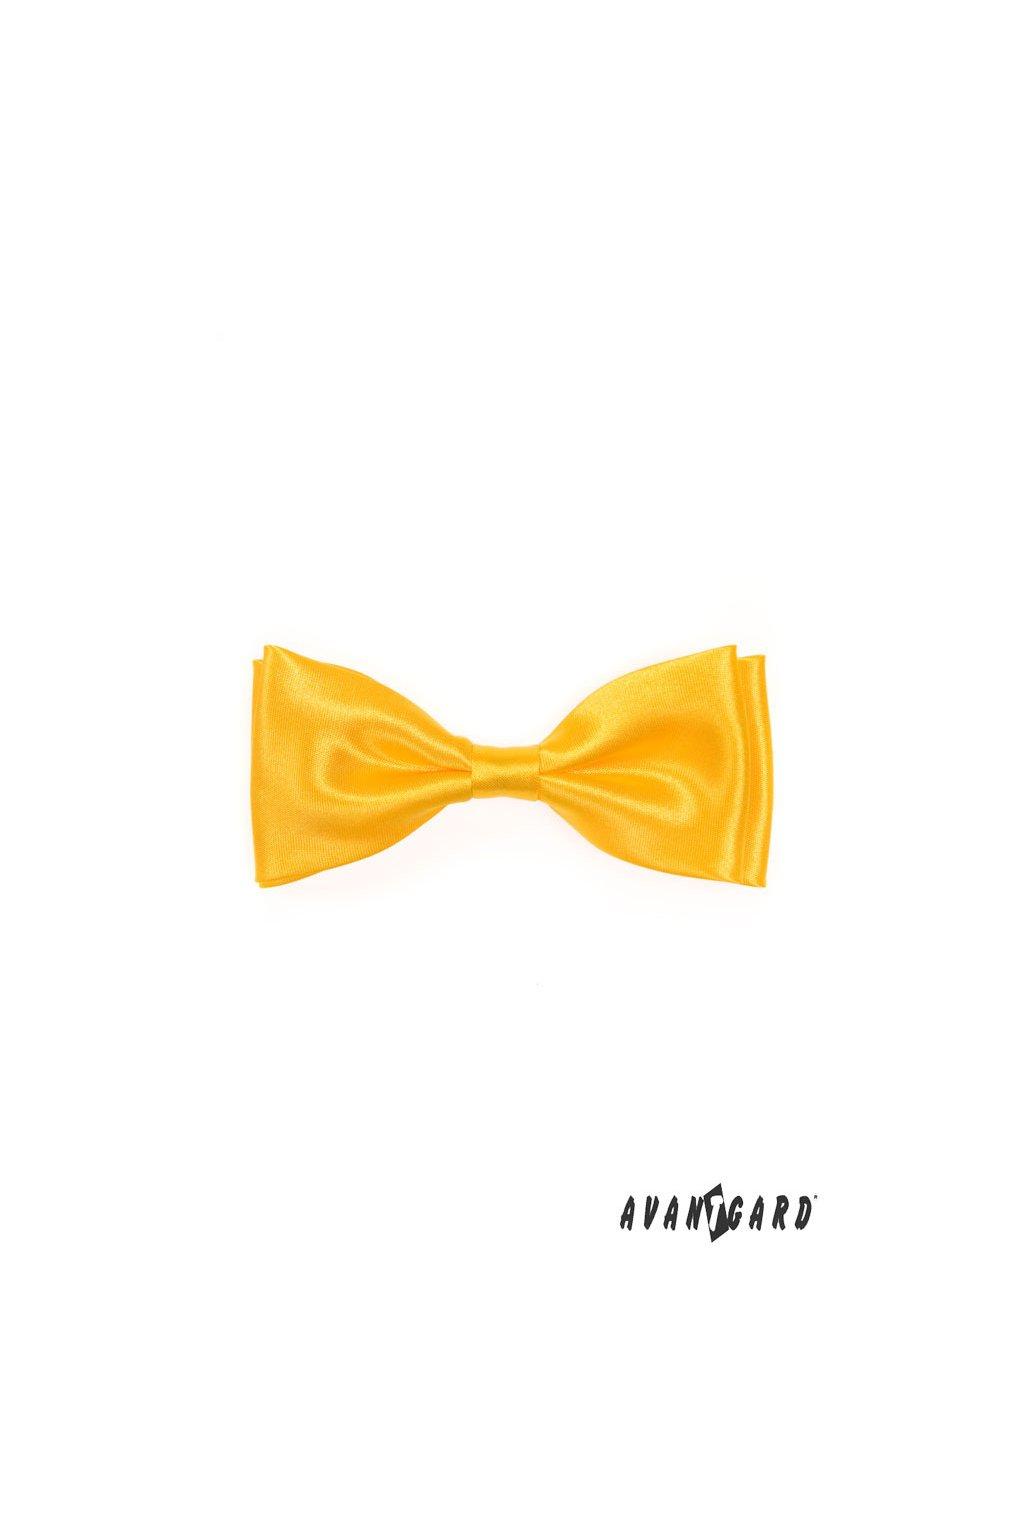 Pánský motýlek žlutý 553 - 770